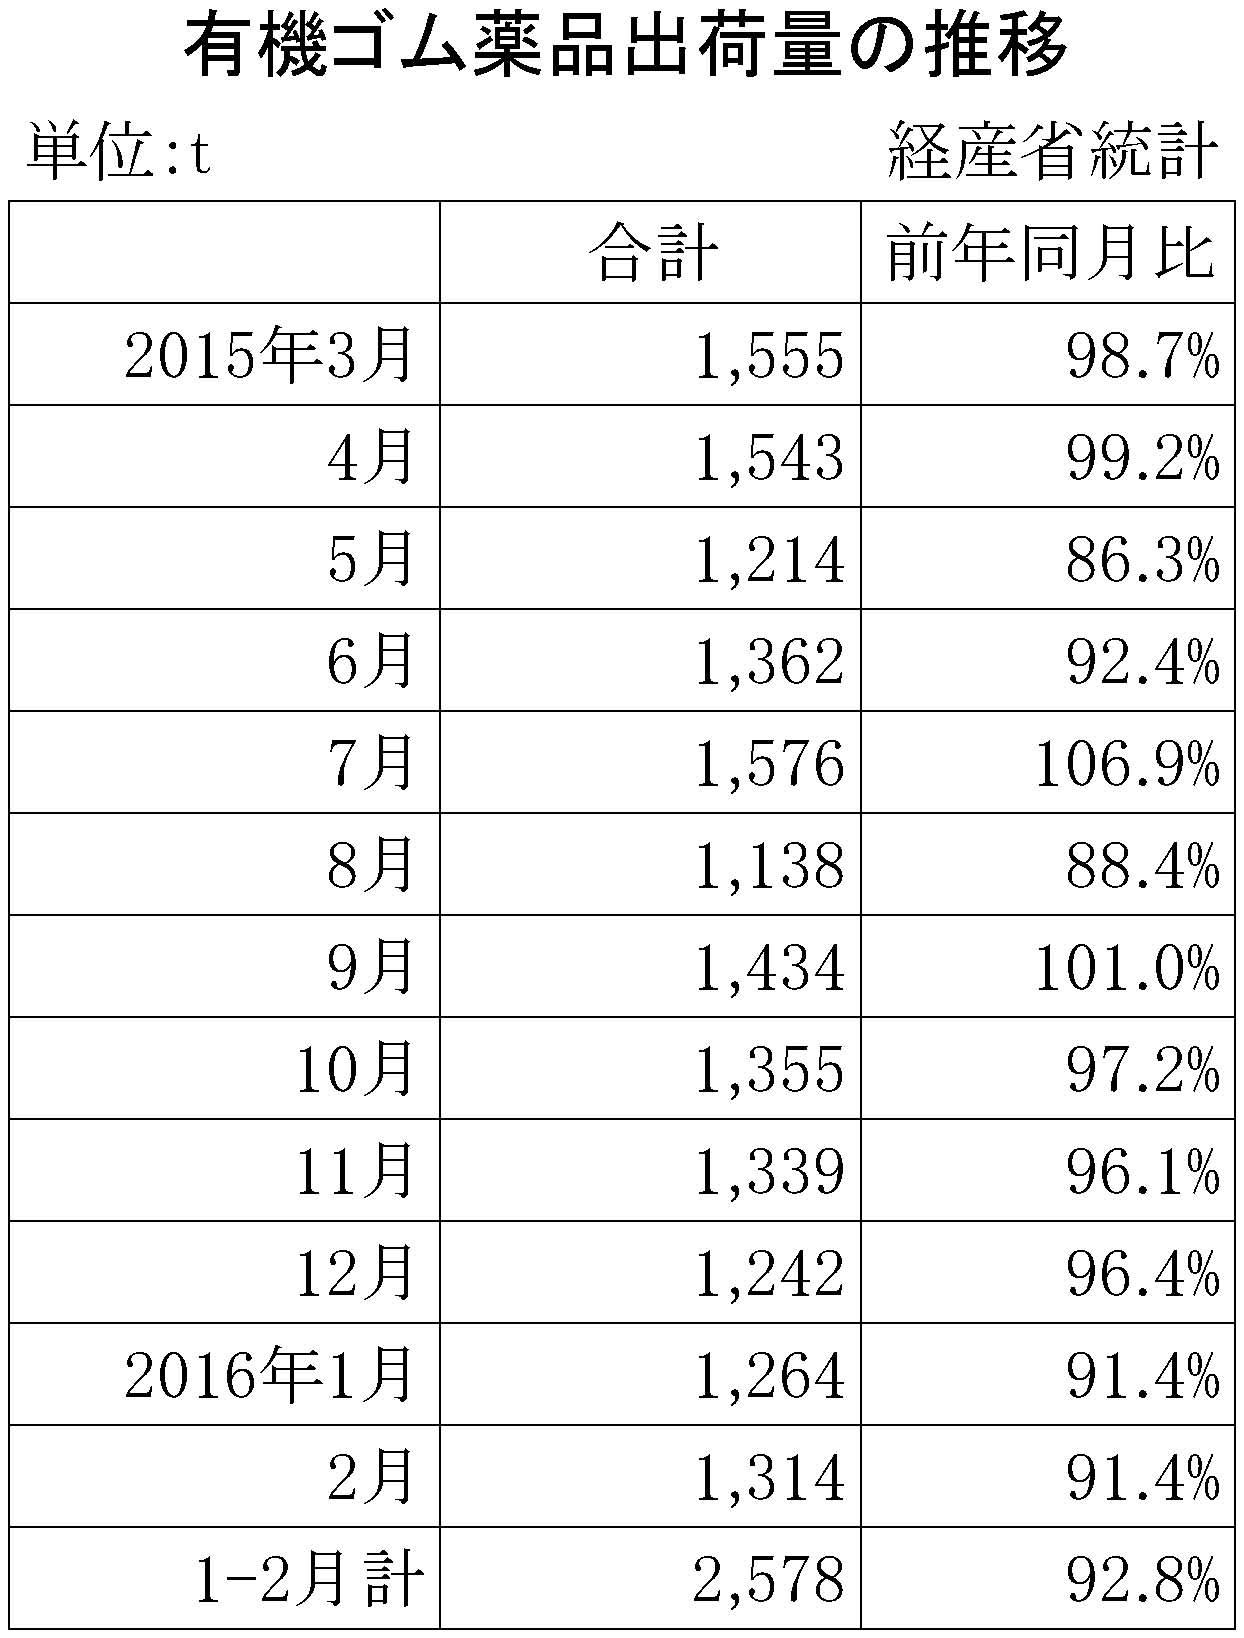 2016年2月のゴム薬品推移